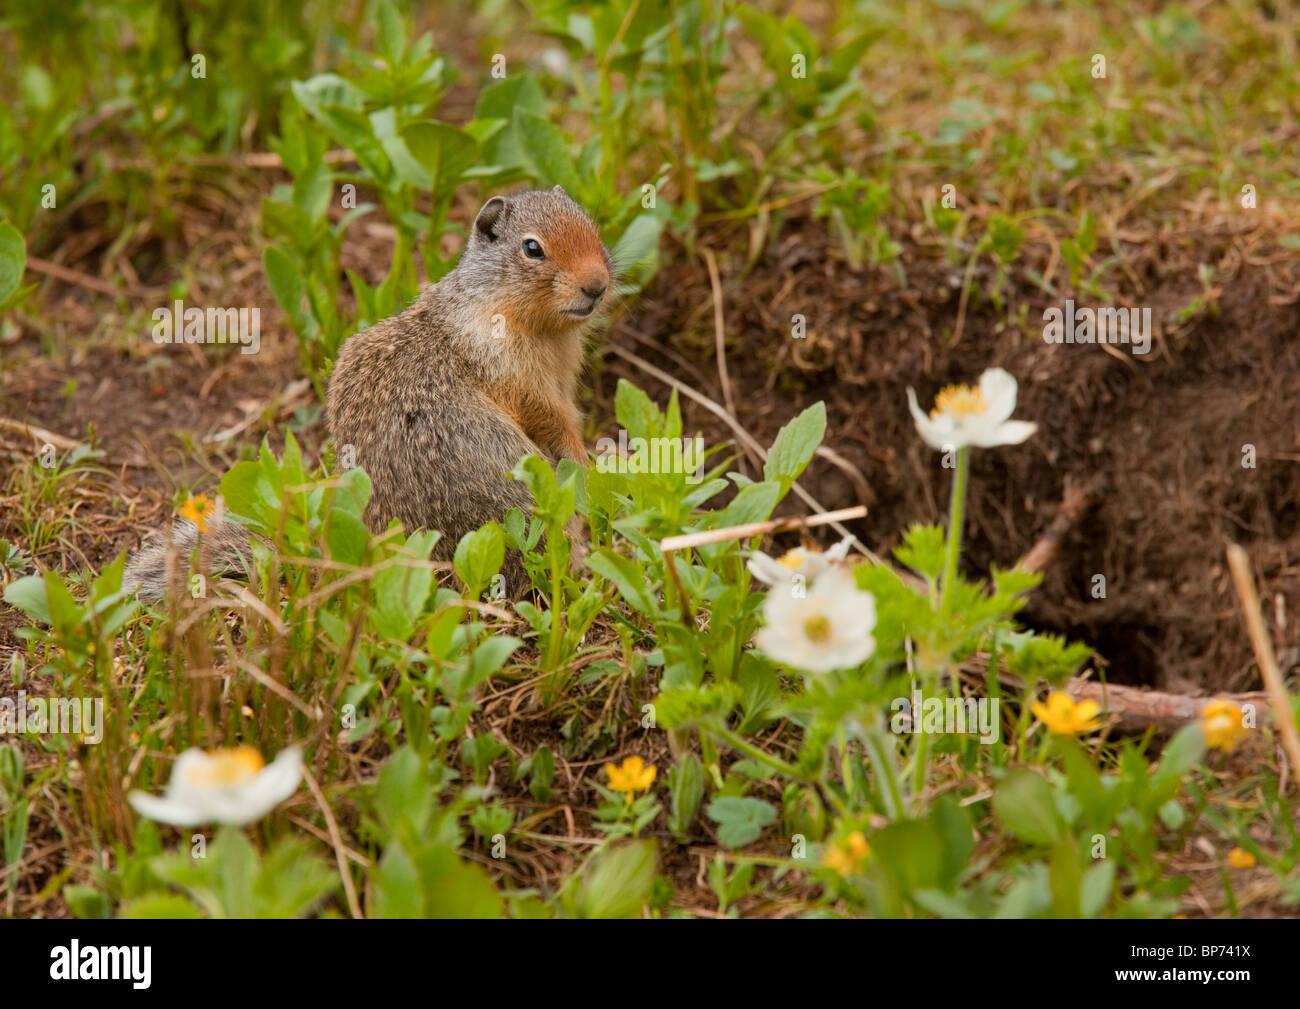 Columbian ground squirrel, Urocitellus columbianus, Rockies, Canada Stock Photo